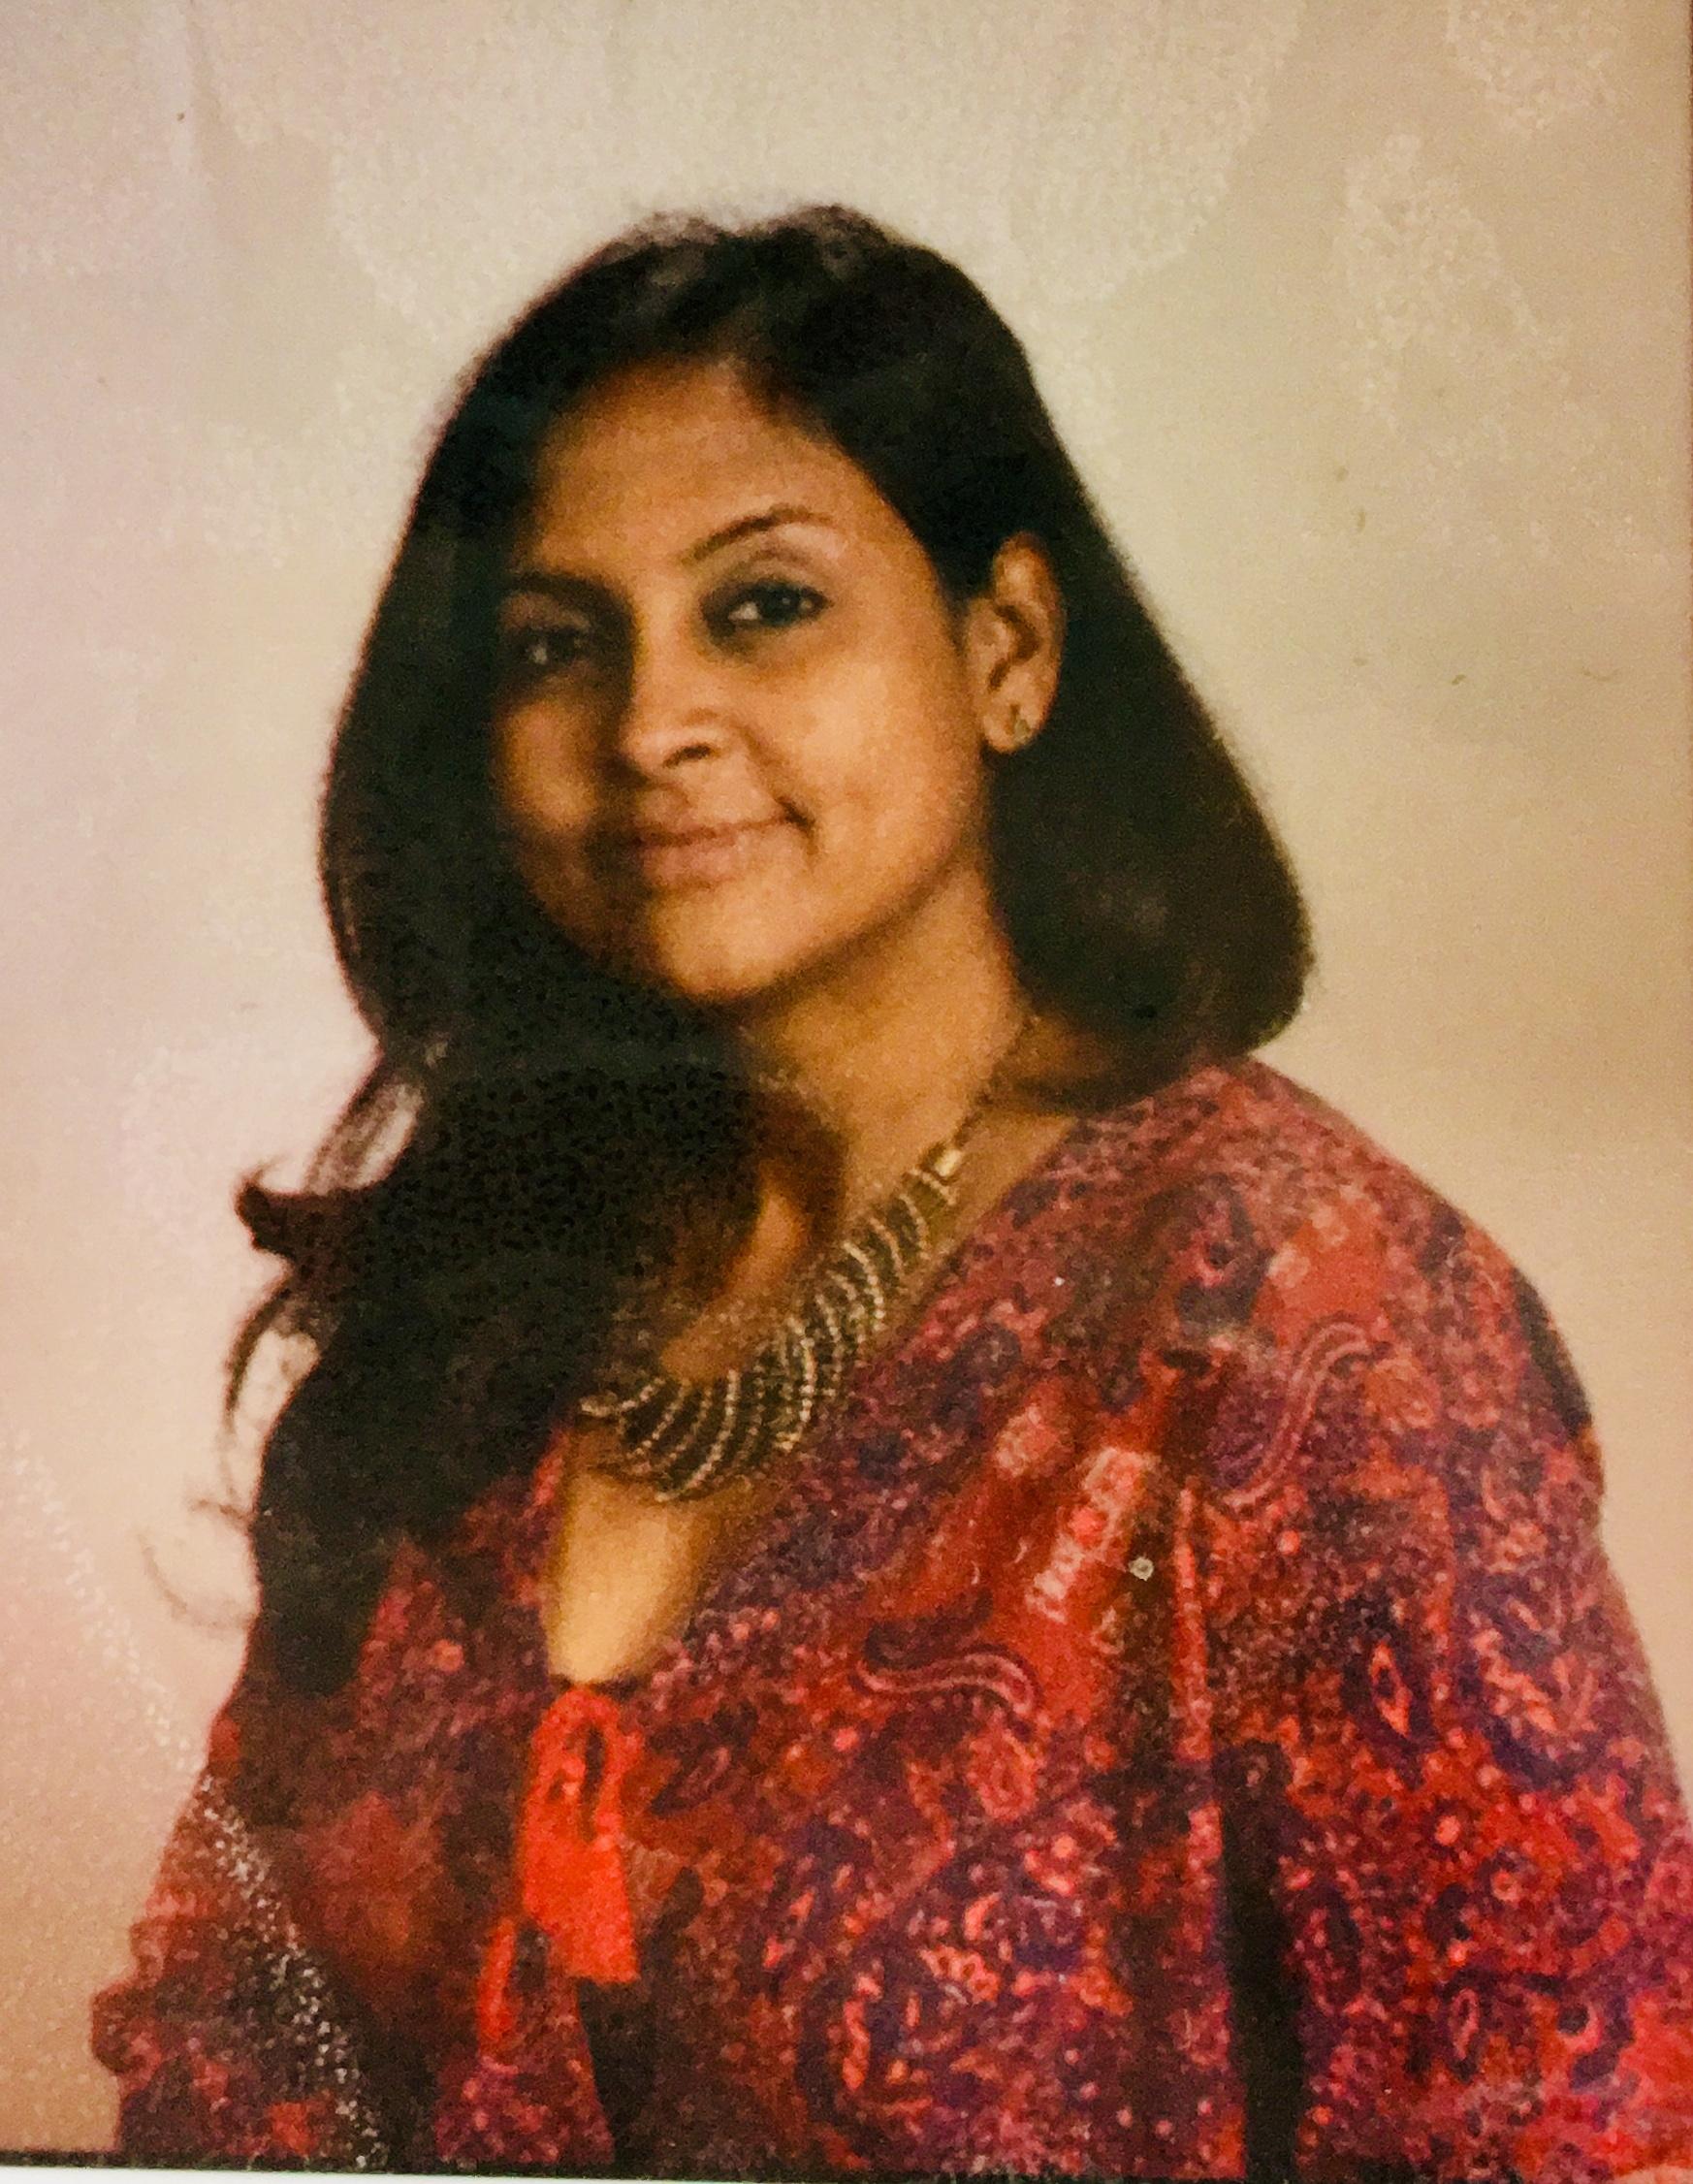 Ms. Viji